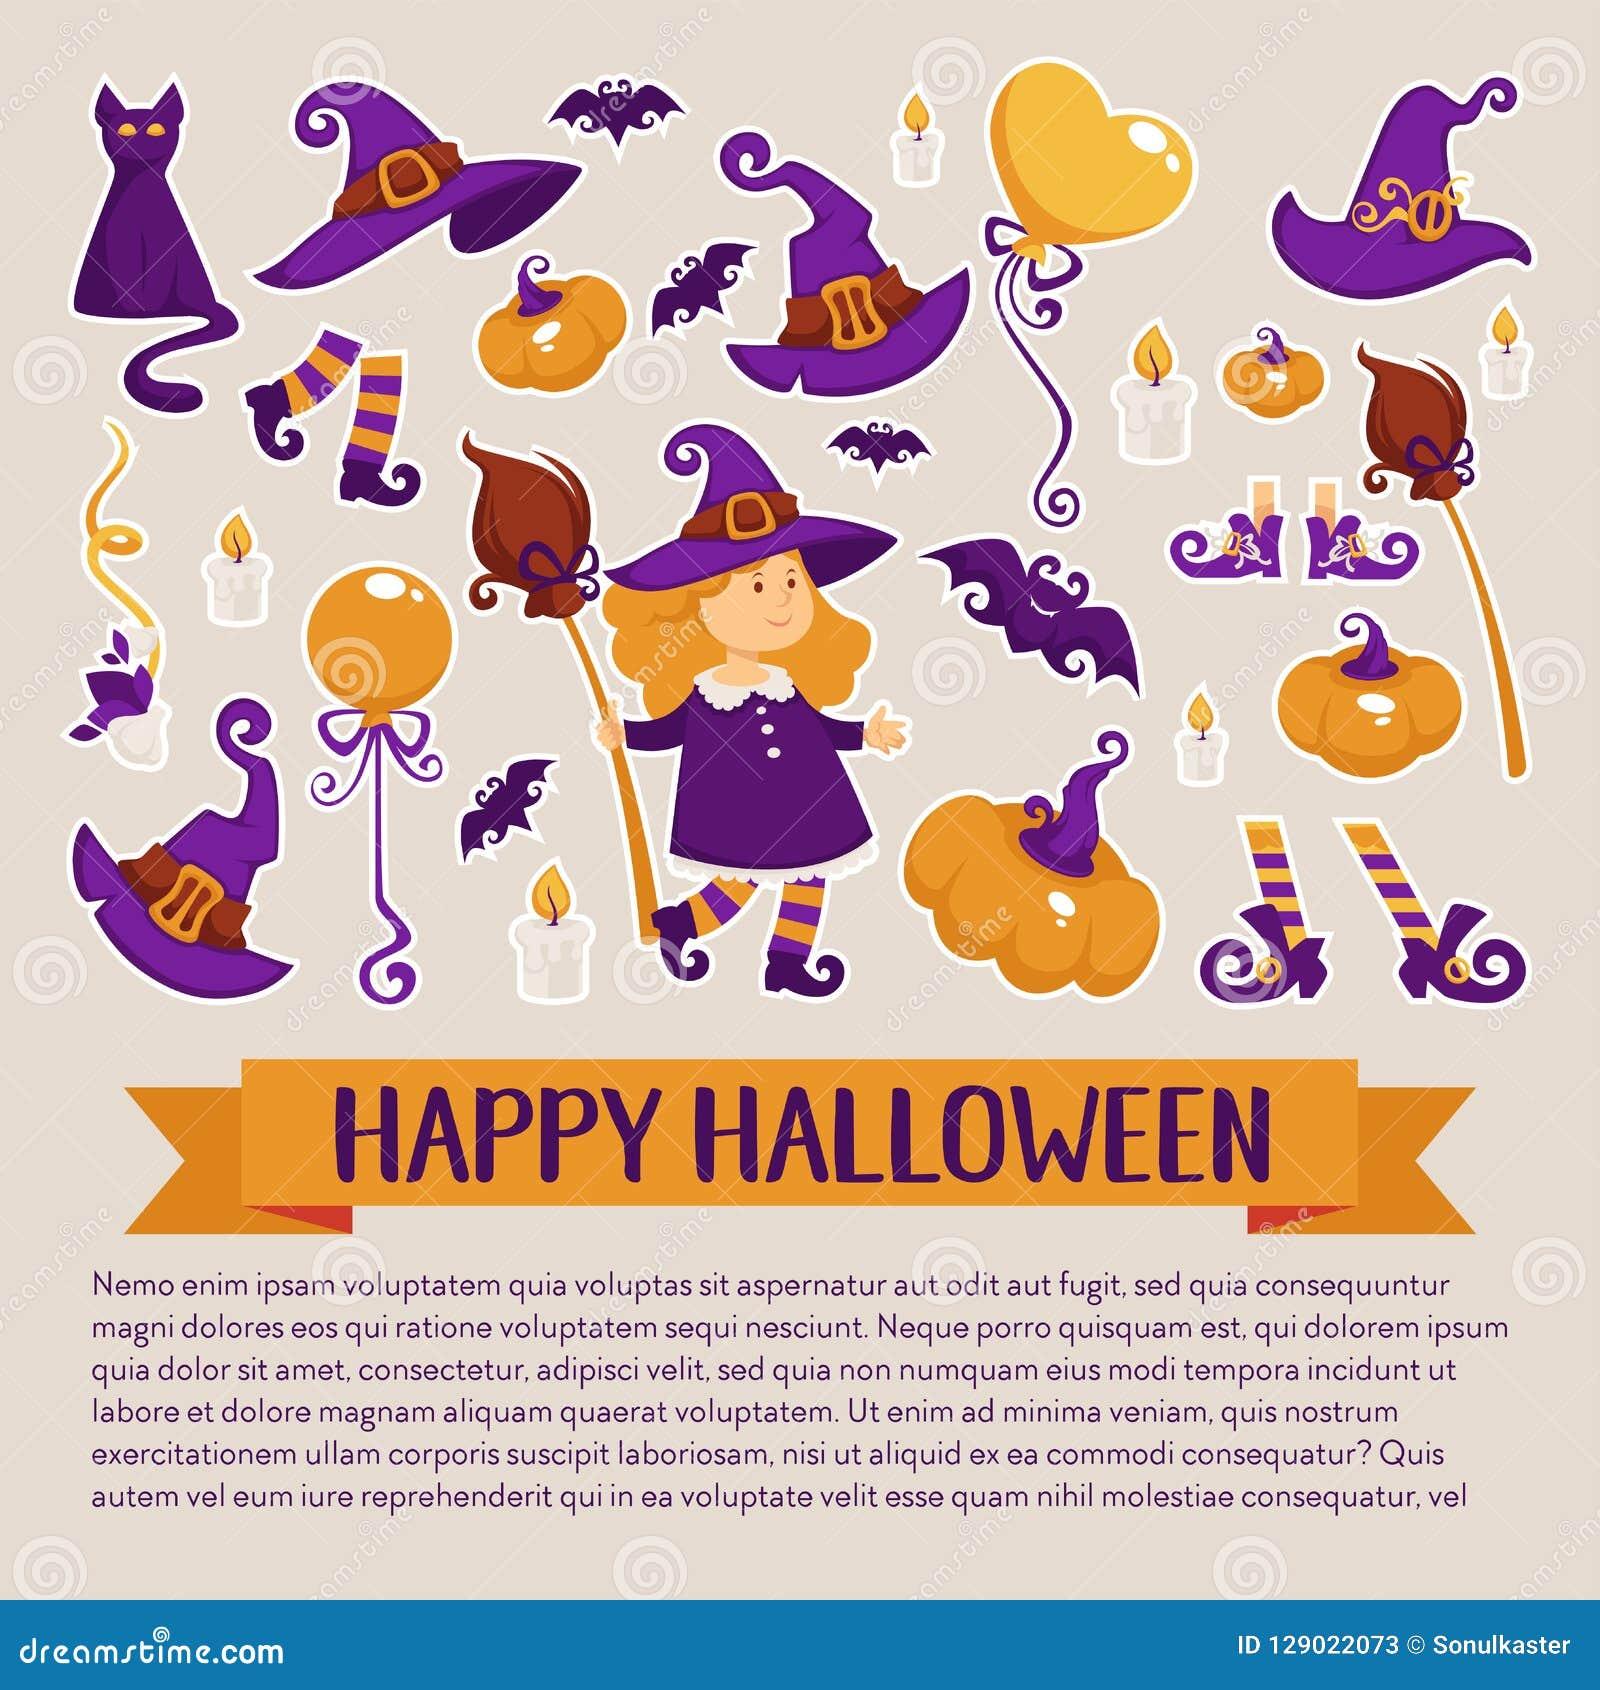 Halloweenowy sztandar z ikonami na Halloweenowym temacie